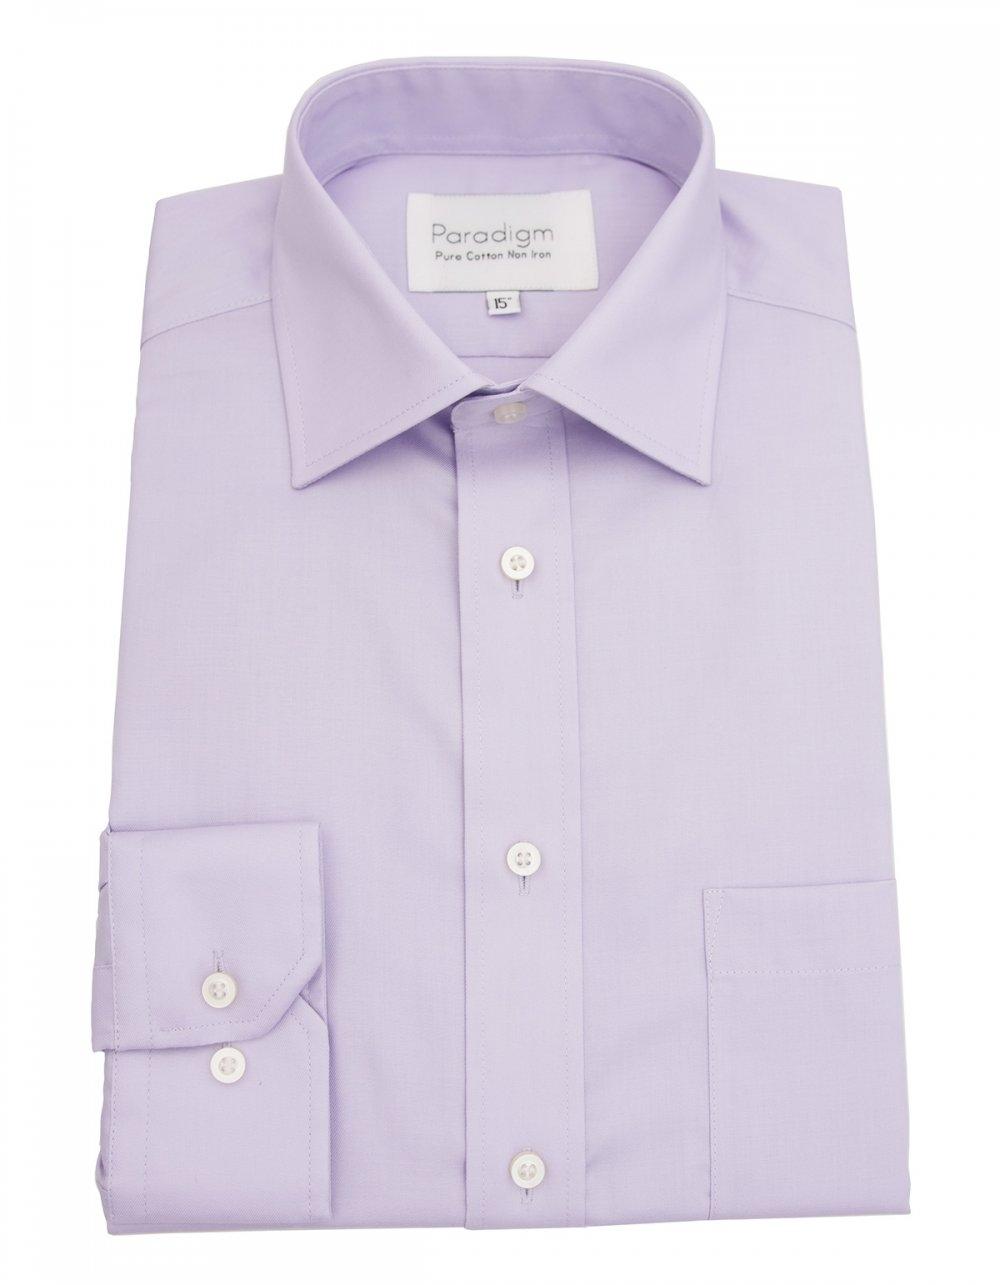 Paradigm Lilac Shirt